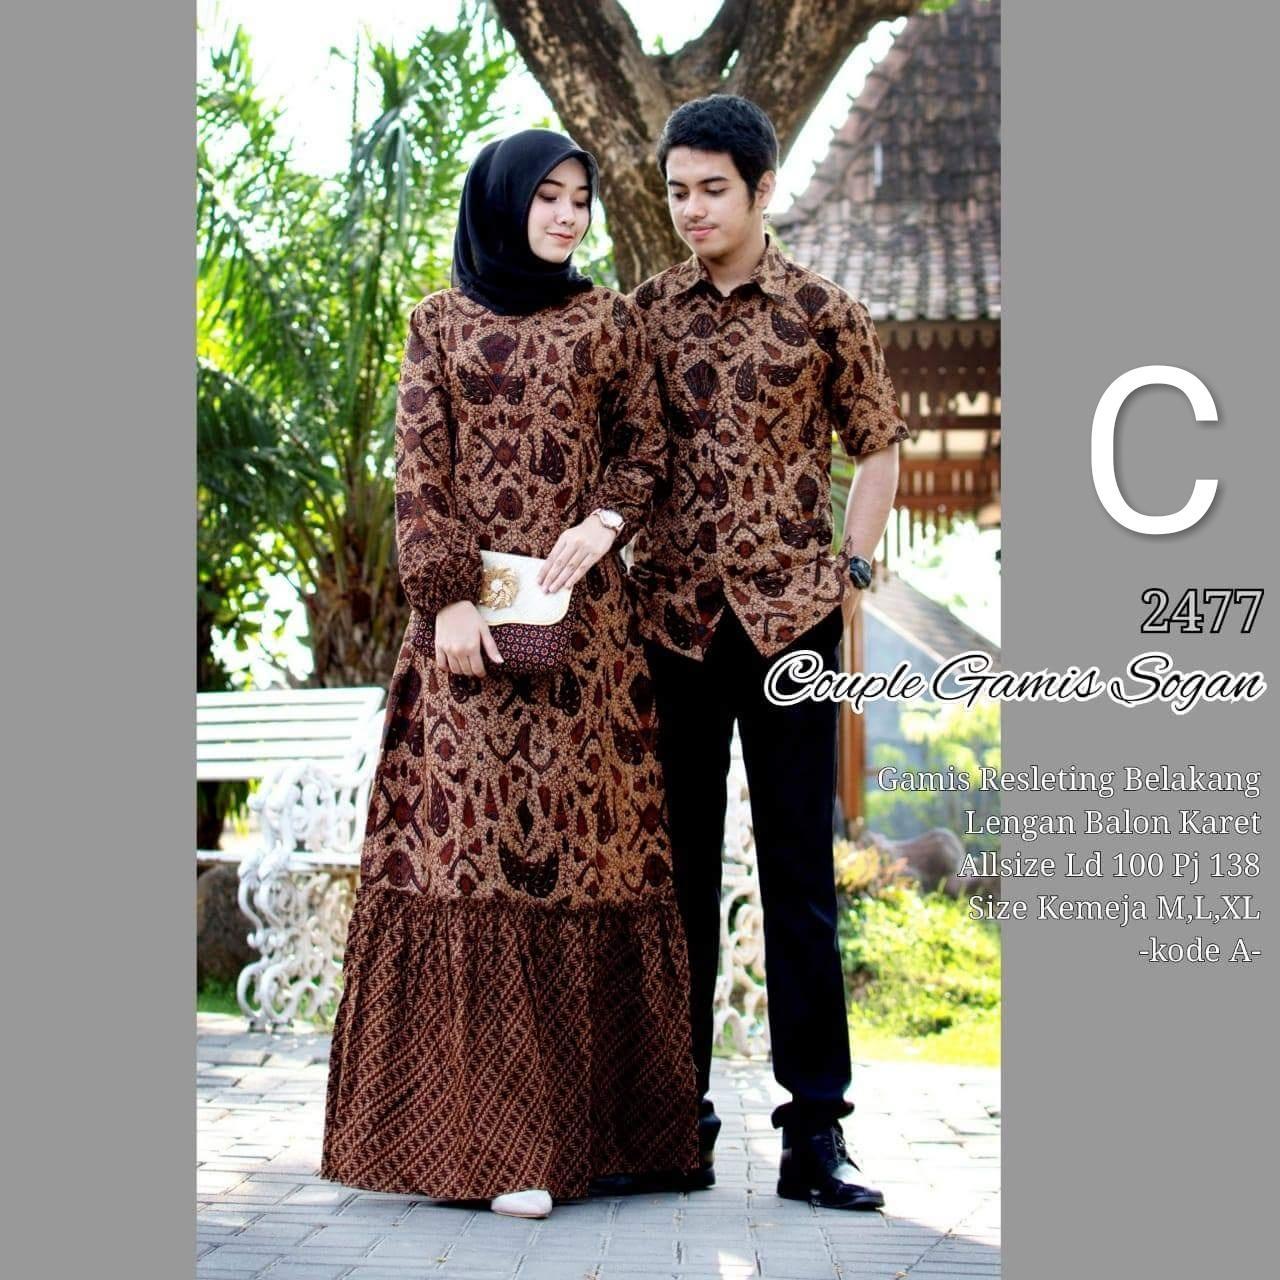 TERMURAH - Batik Couple - Baju Muslim Wanita Terbaru 12/ Batik Sarimbit  Modern - Batik Kondangan - Batik Pekalongan - Baju Batik Gamis Sogan 12 C